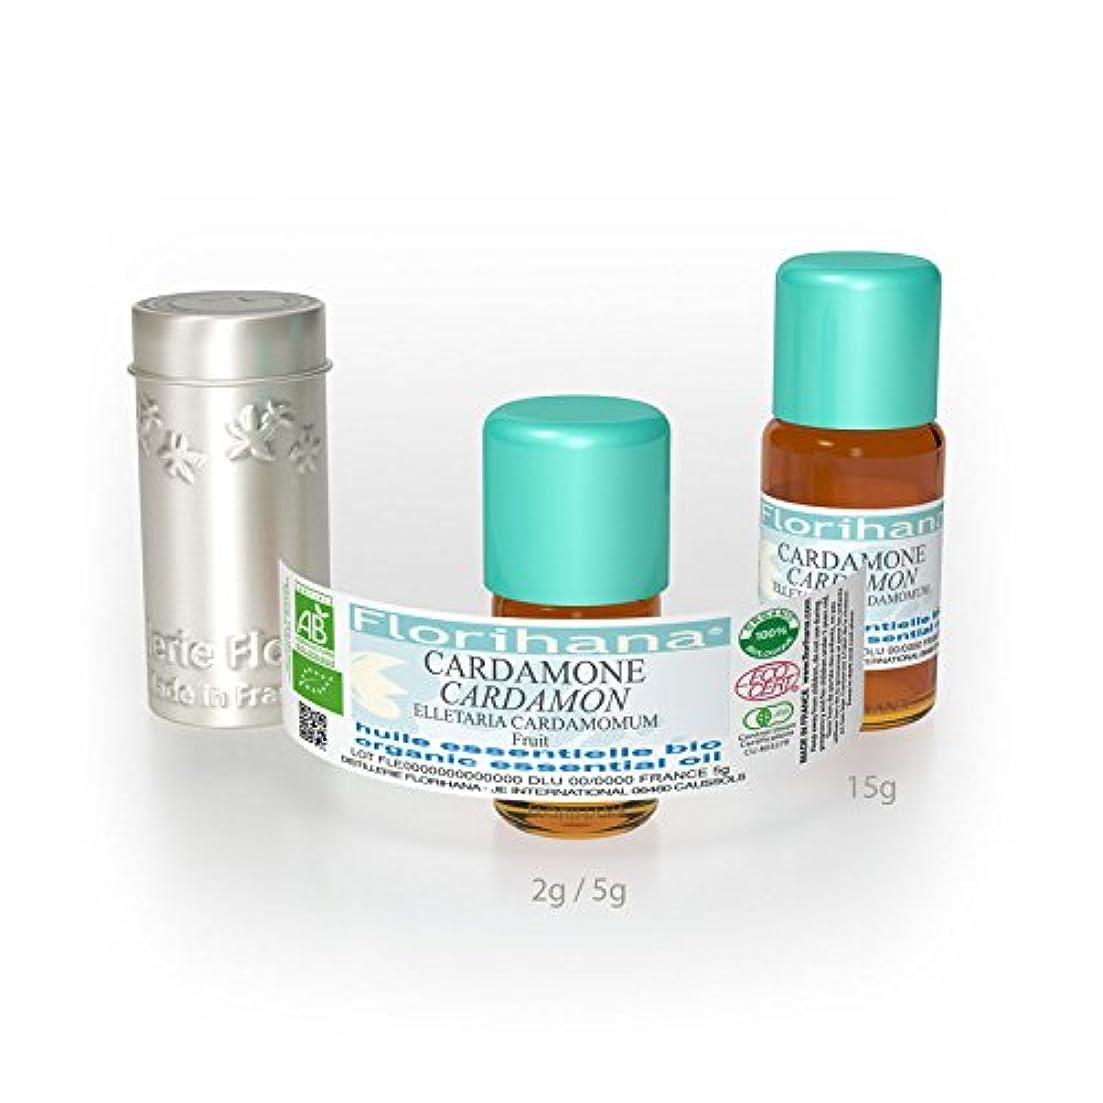 つづり患者小康オーガニック エッセンシャルオイル カルダモン 5g(5.3ml)